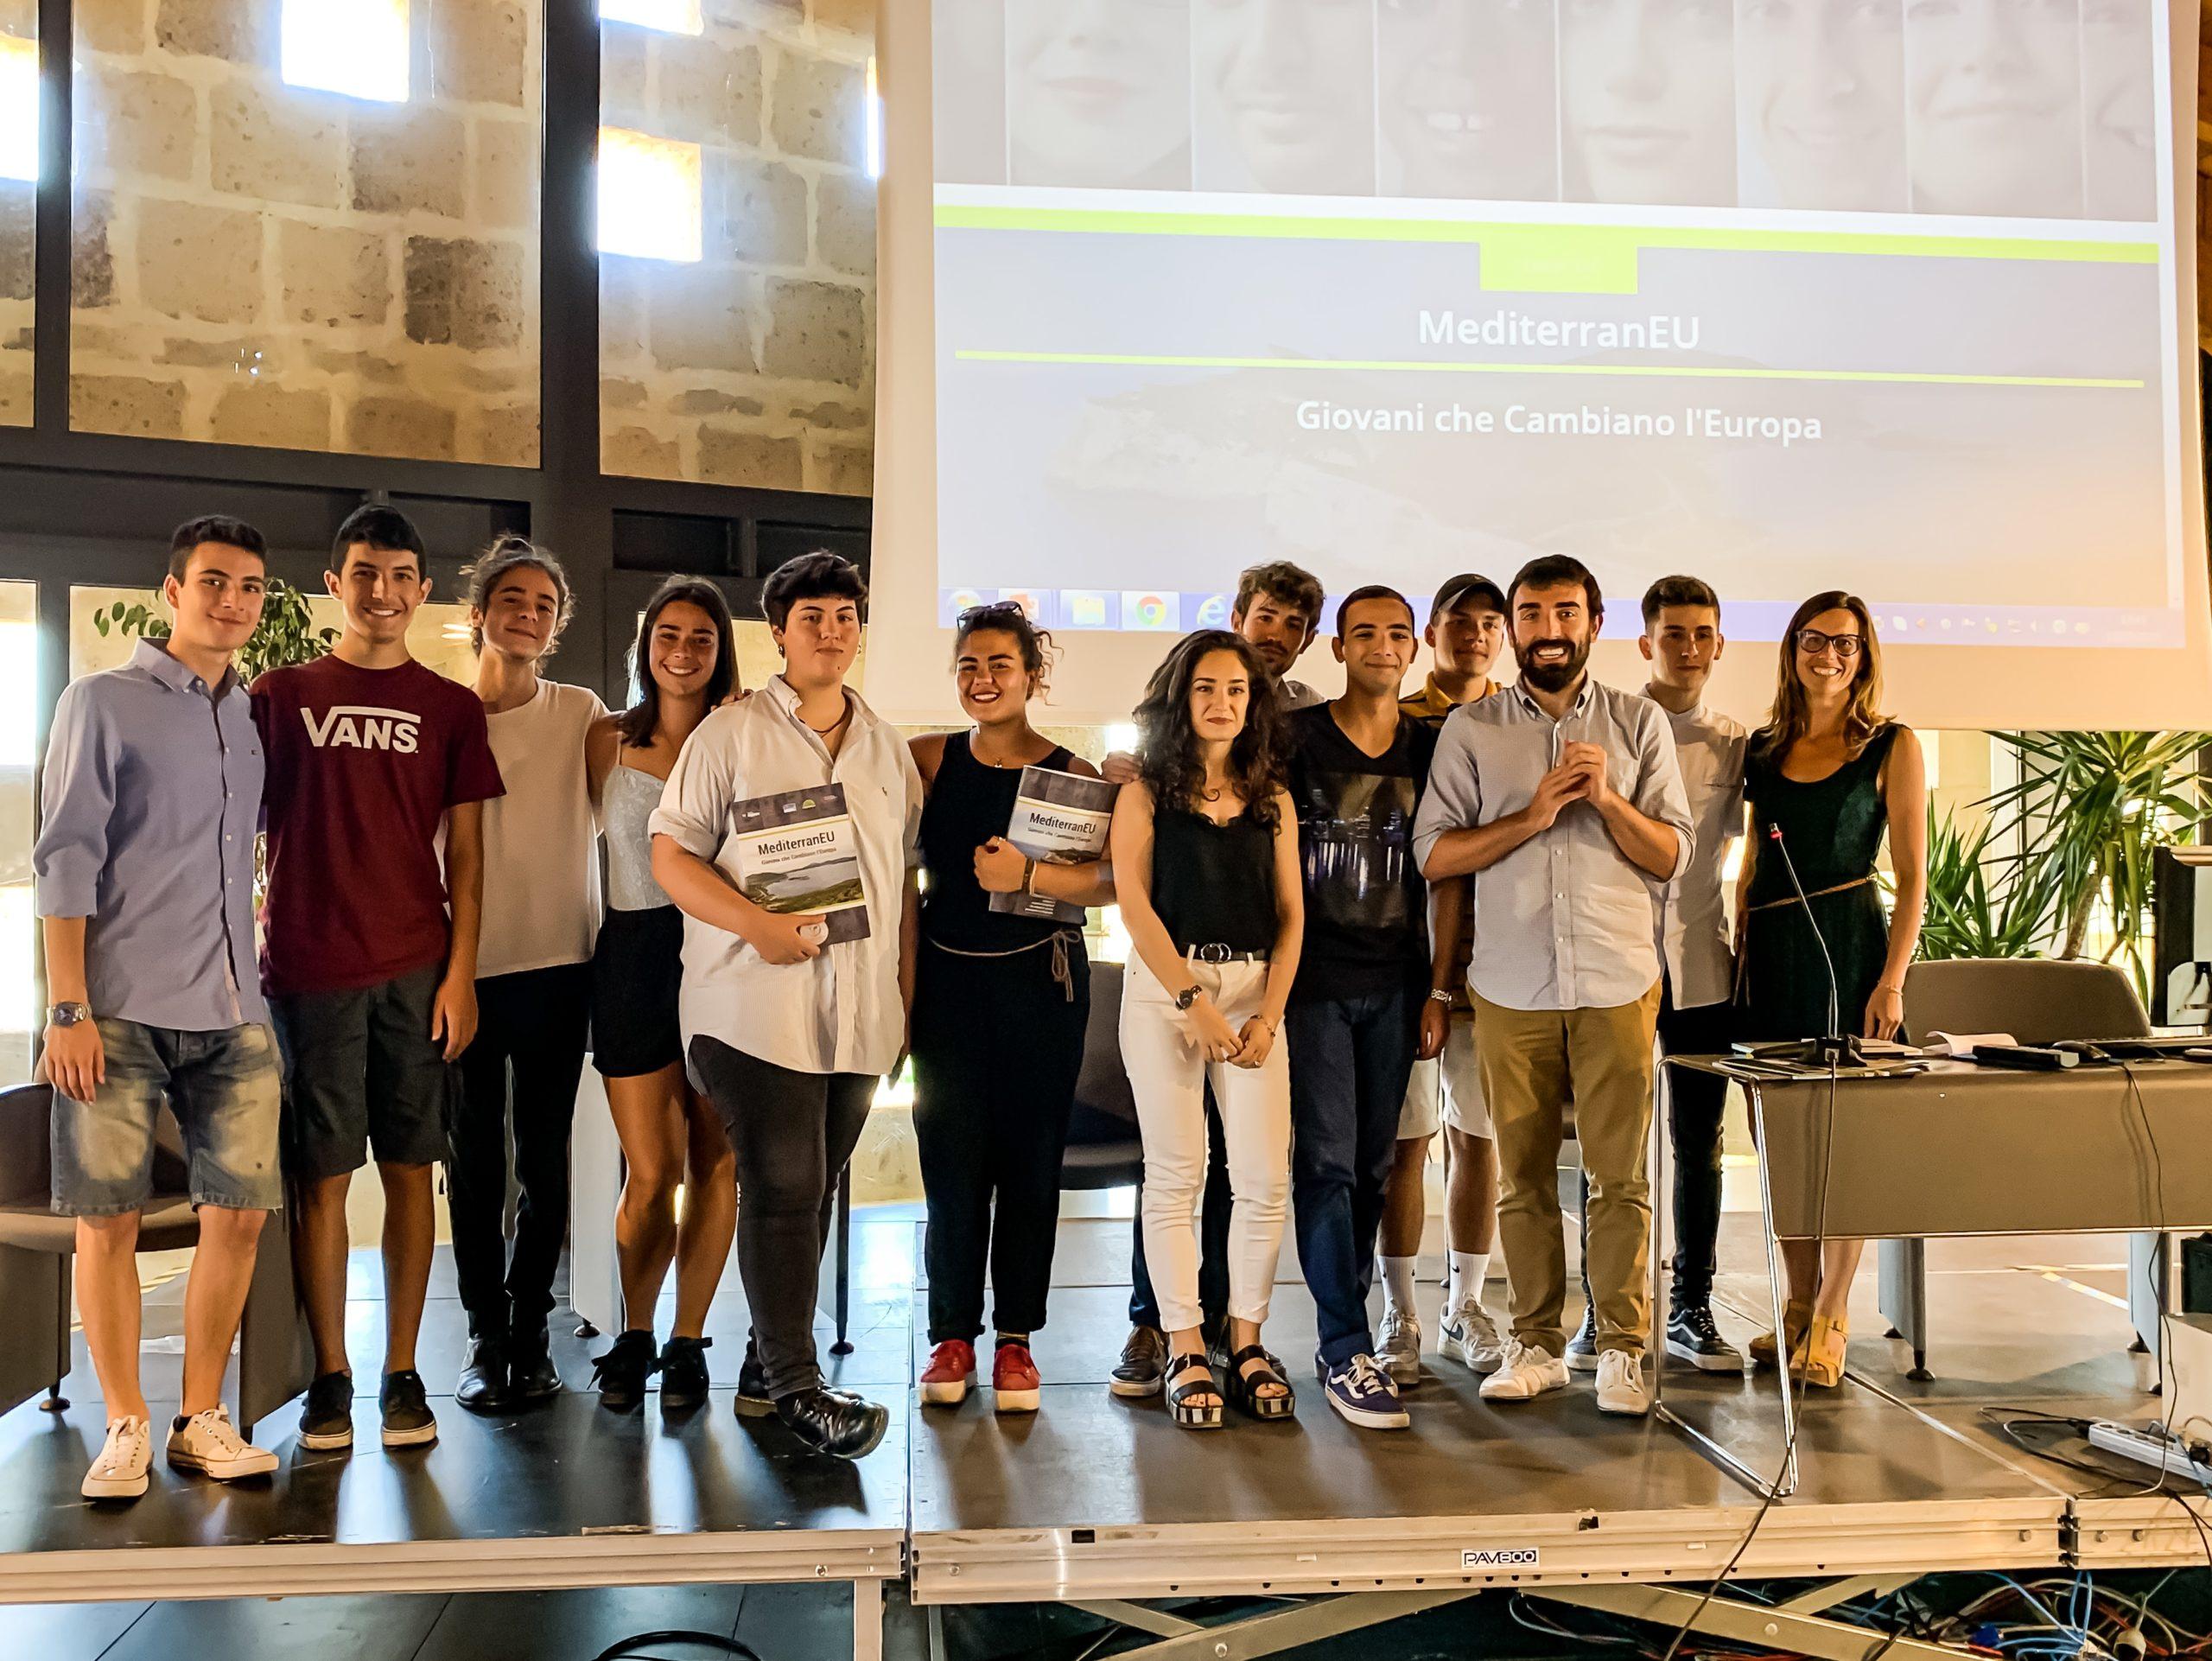 Chiusura progetto: MediterranEU – Giovani che cambiano il Mondo